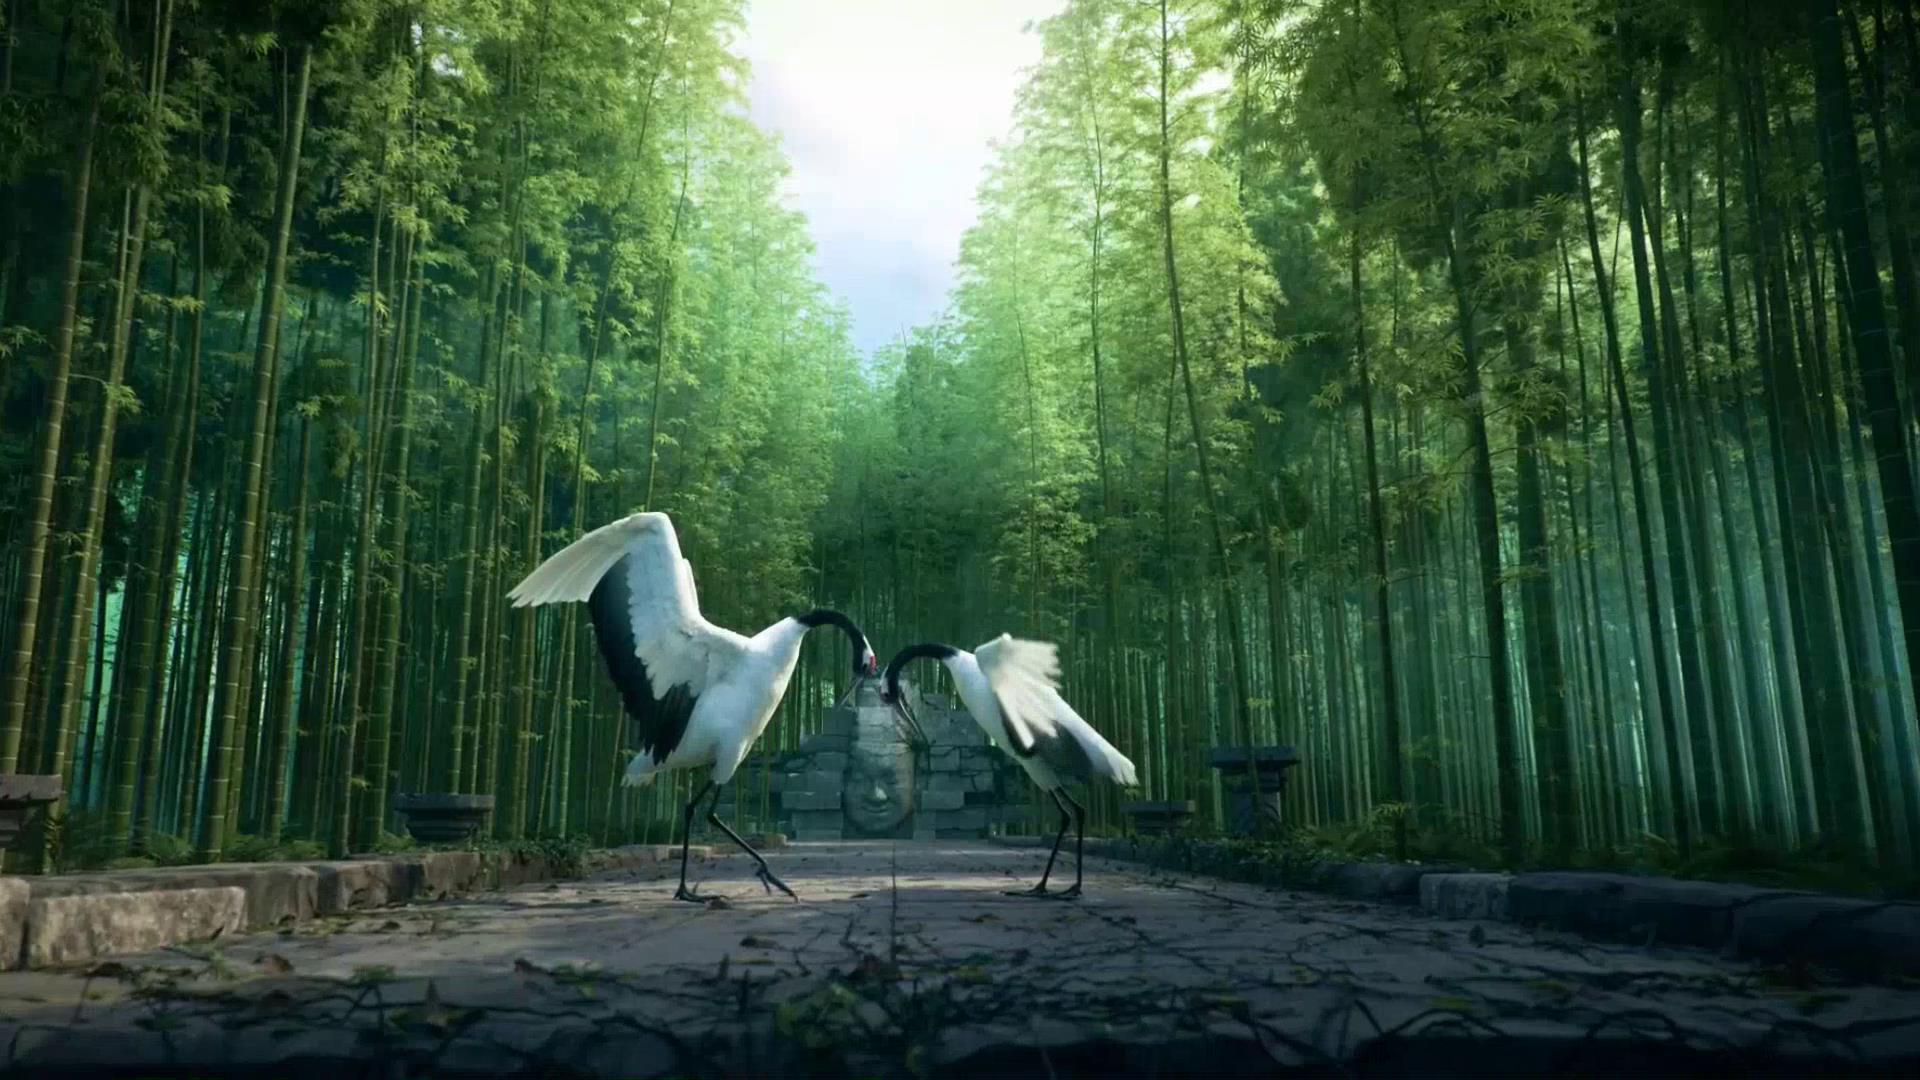 唯美竹林丹顶鹤起舞cg风景视频素材